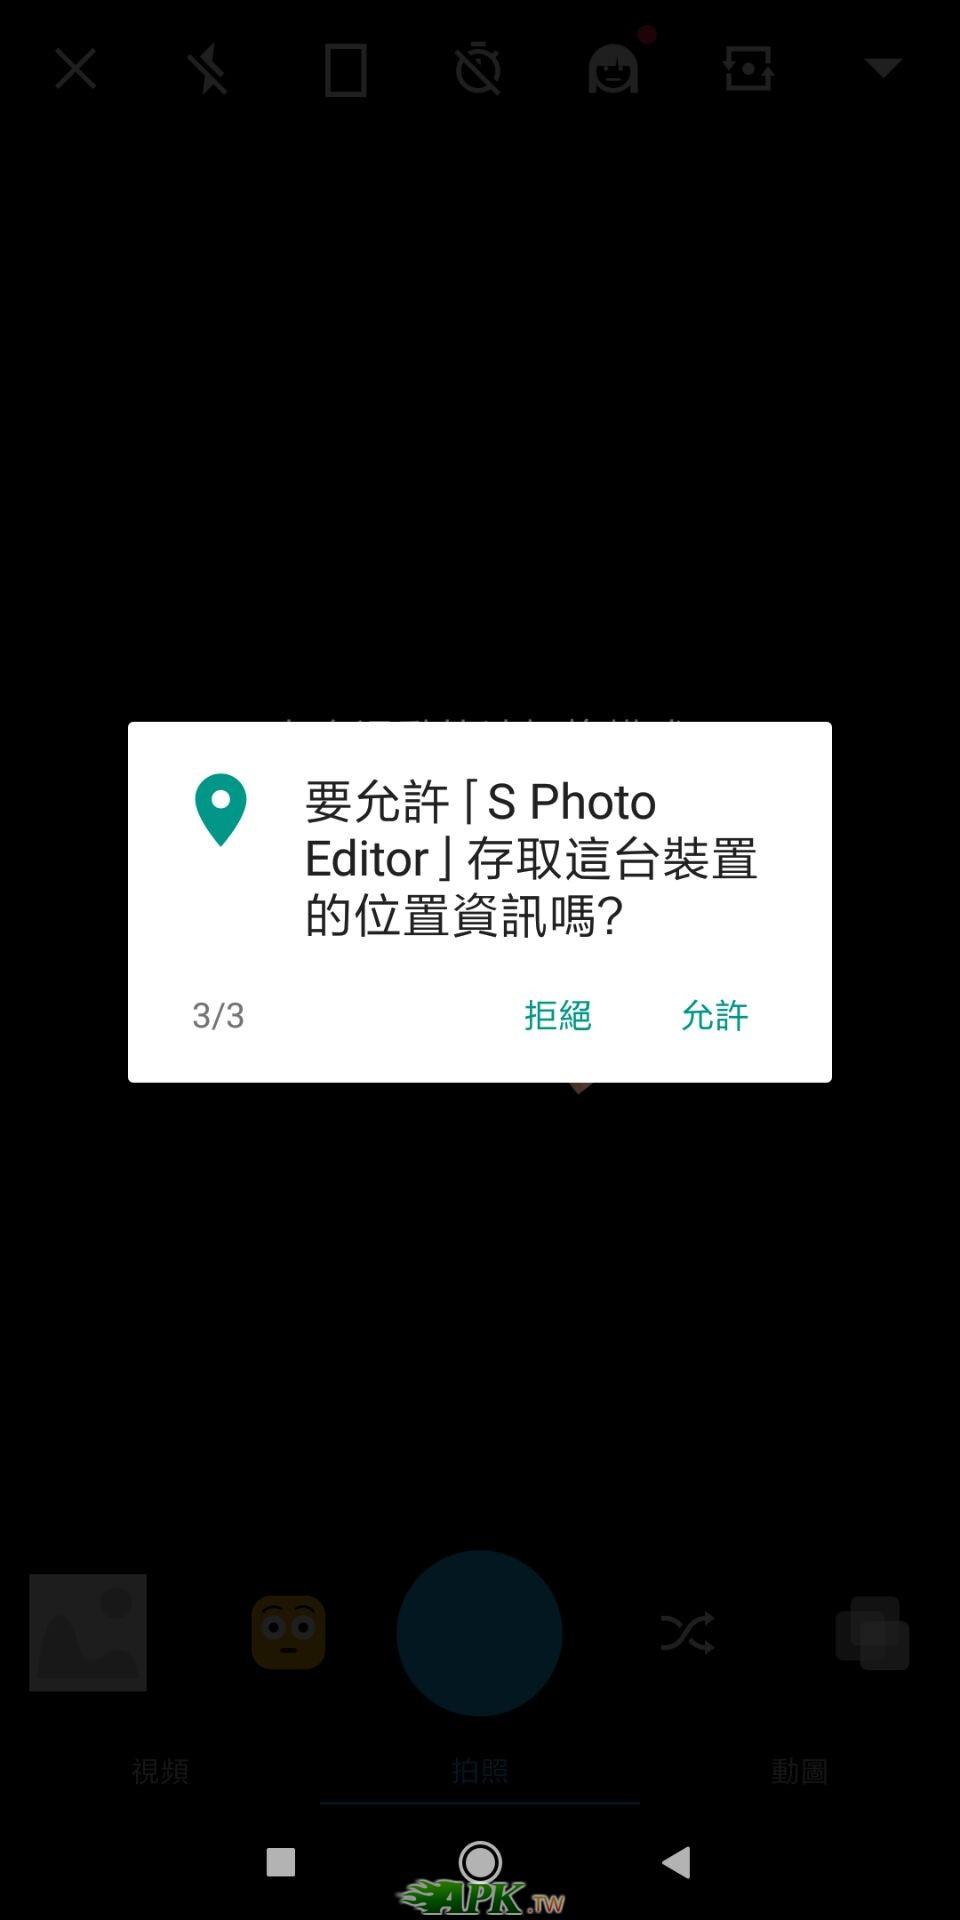 QQ图片20191111110917.jpg